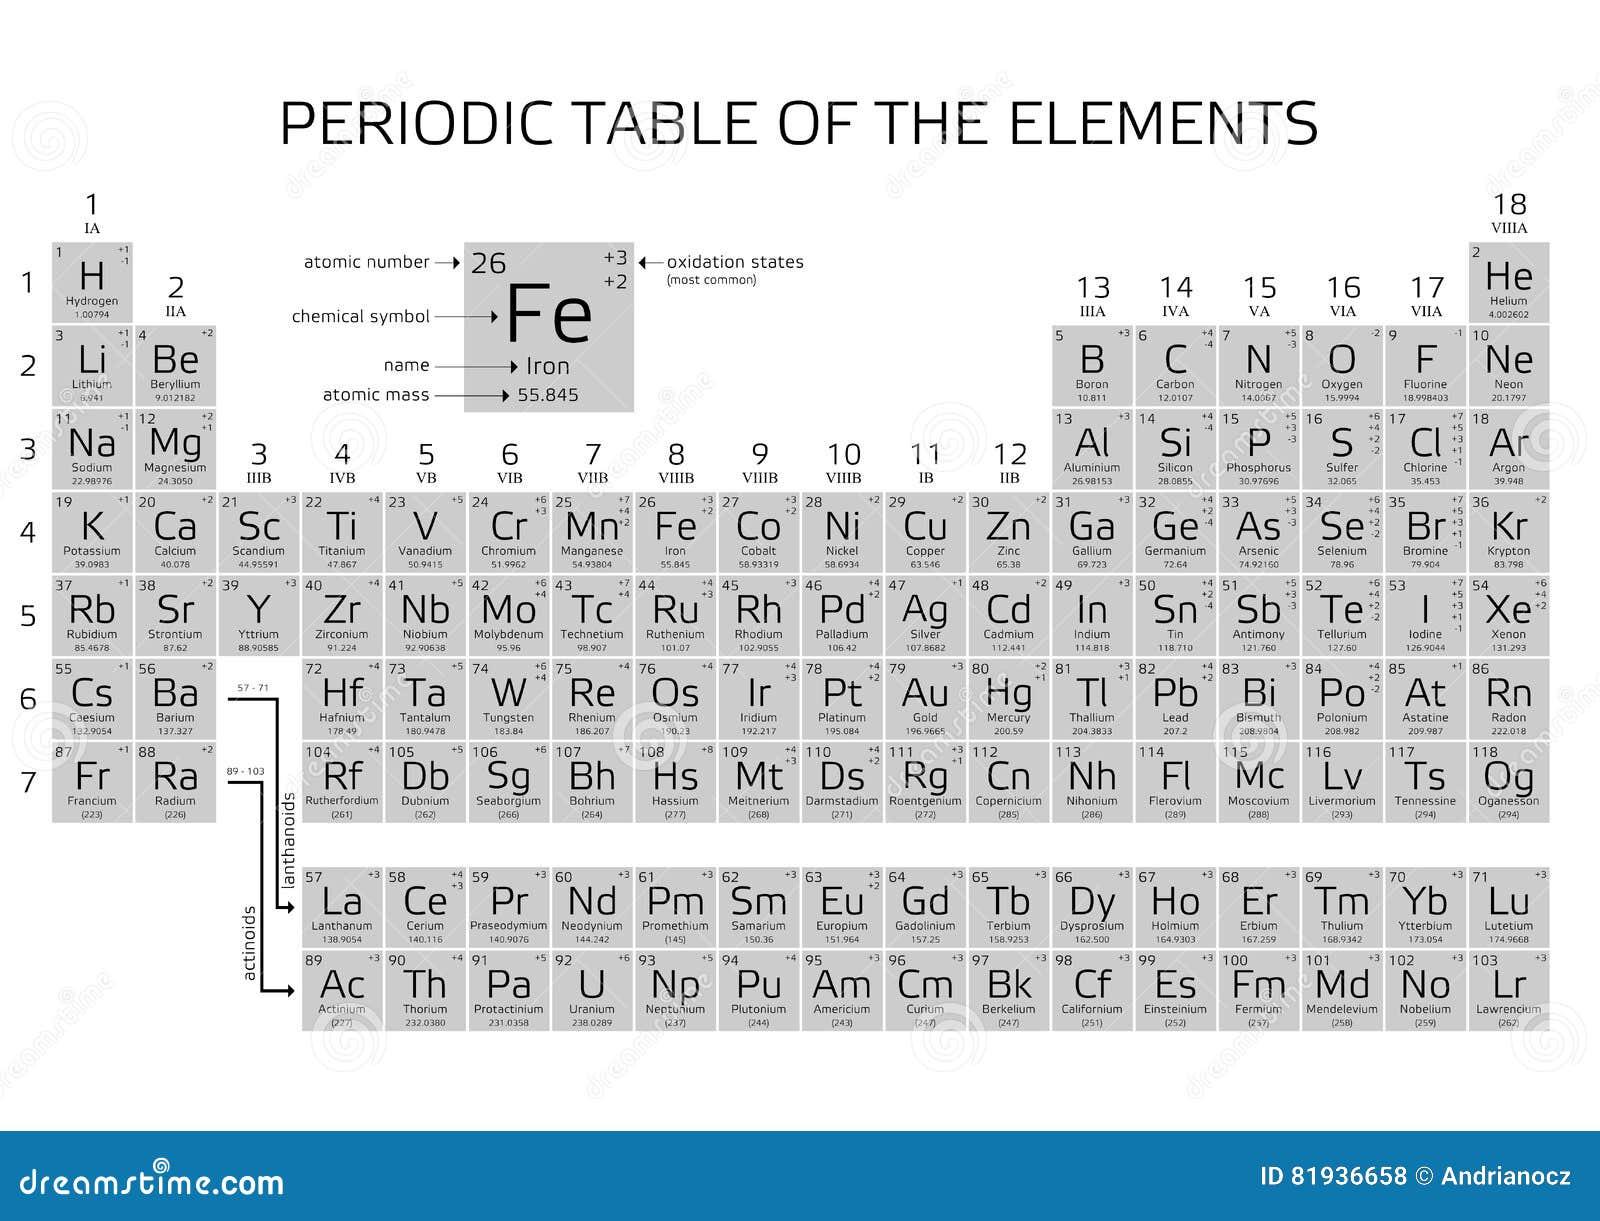 Tavola periodica degli elementi del s di mendeleev con i nuovi elementi 2016 illustrazione di - Tavola numeri di ossidazione ...